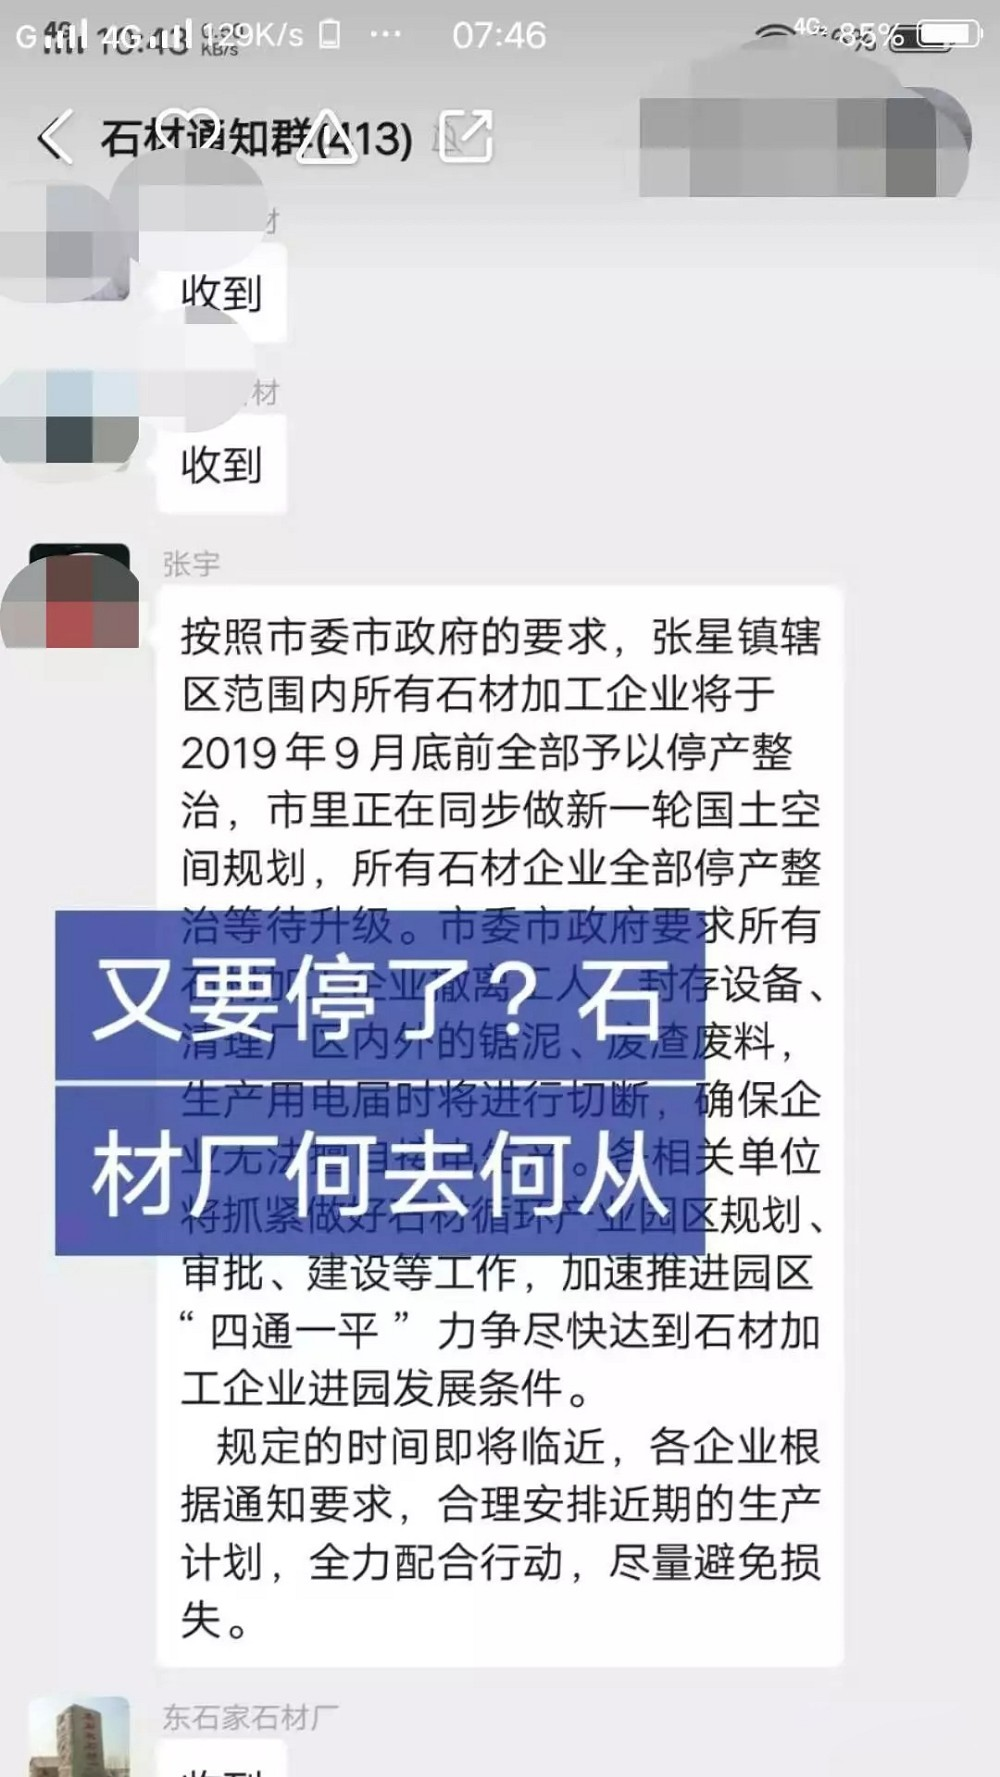 招远张星镇辖区范围内所有石材加工企业于2019年9月29日全部停产整治等待升级